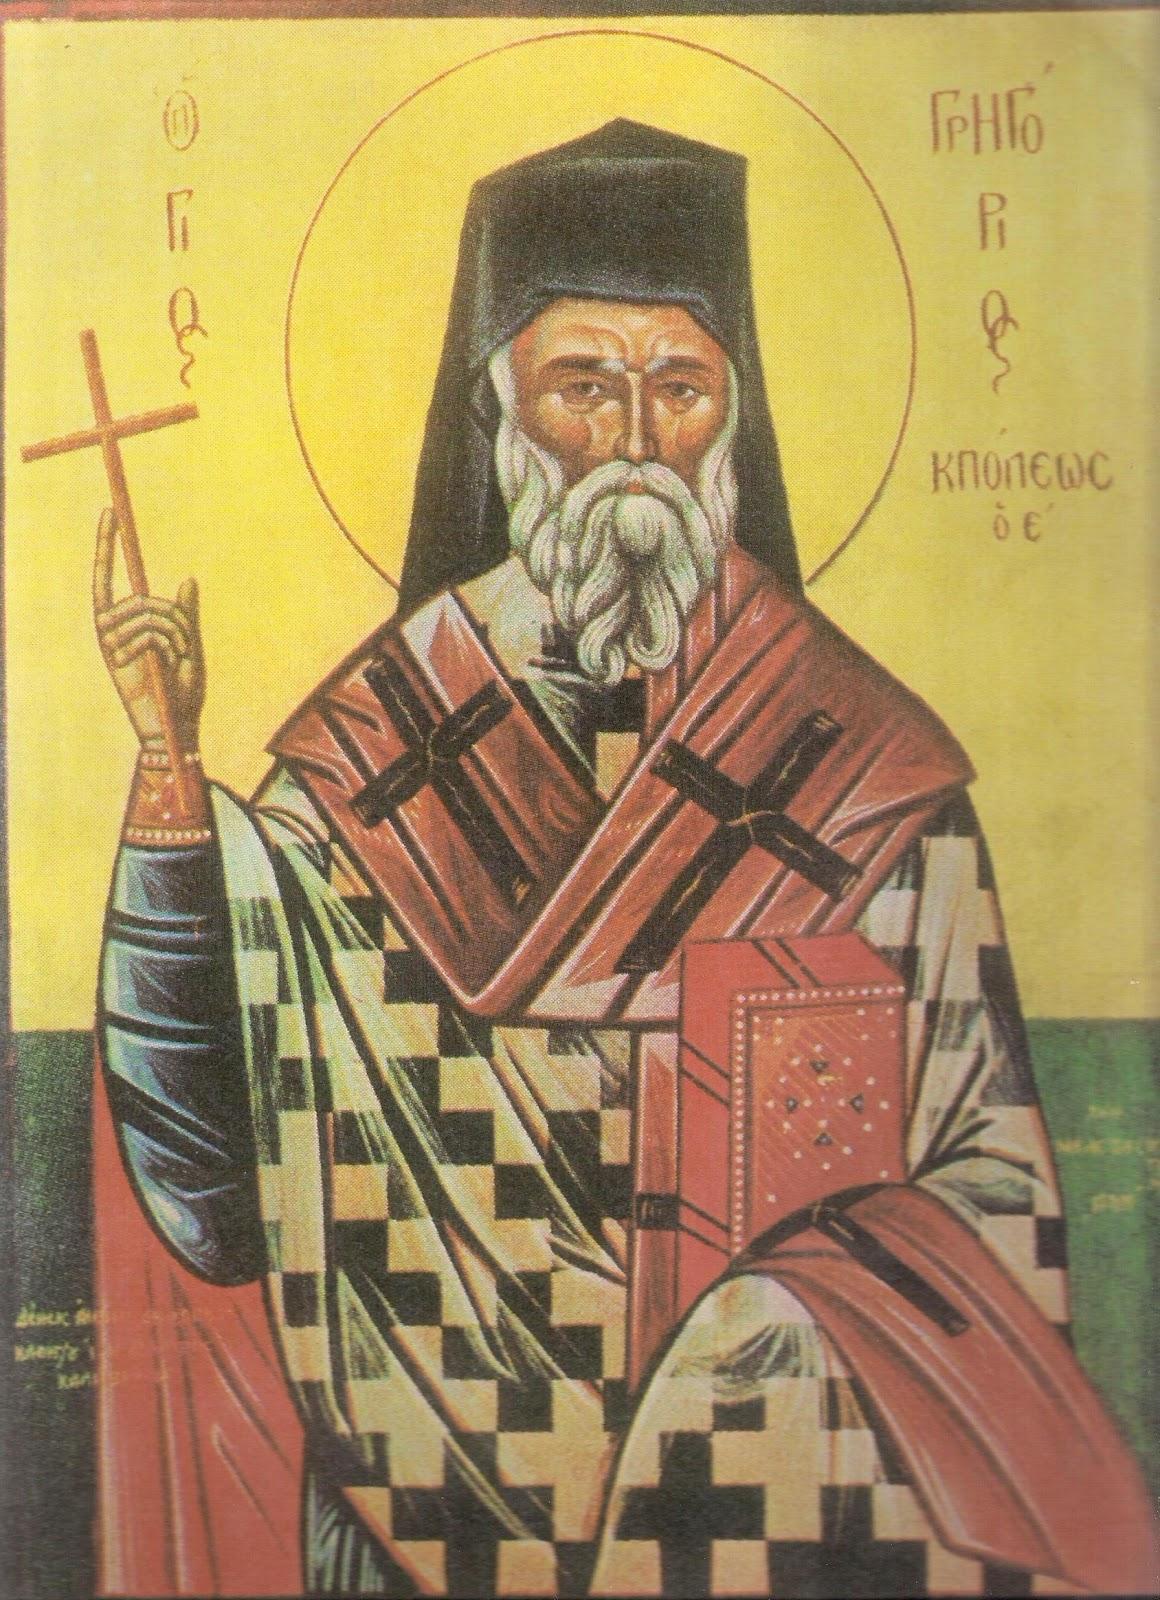 Ορθόδοξος Συναξαριστής :: Άγιος Γρηγόριος Ε' Πατριάρχης Κωνσταντινουπόλεως